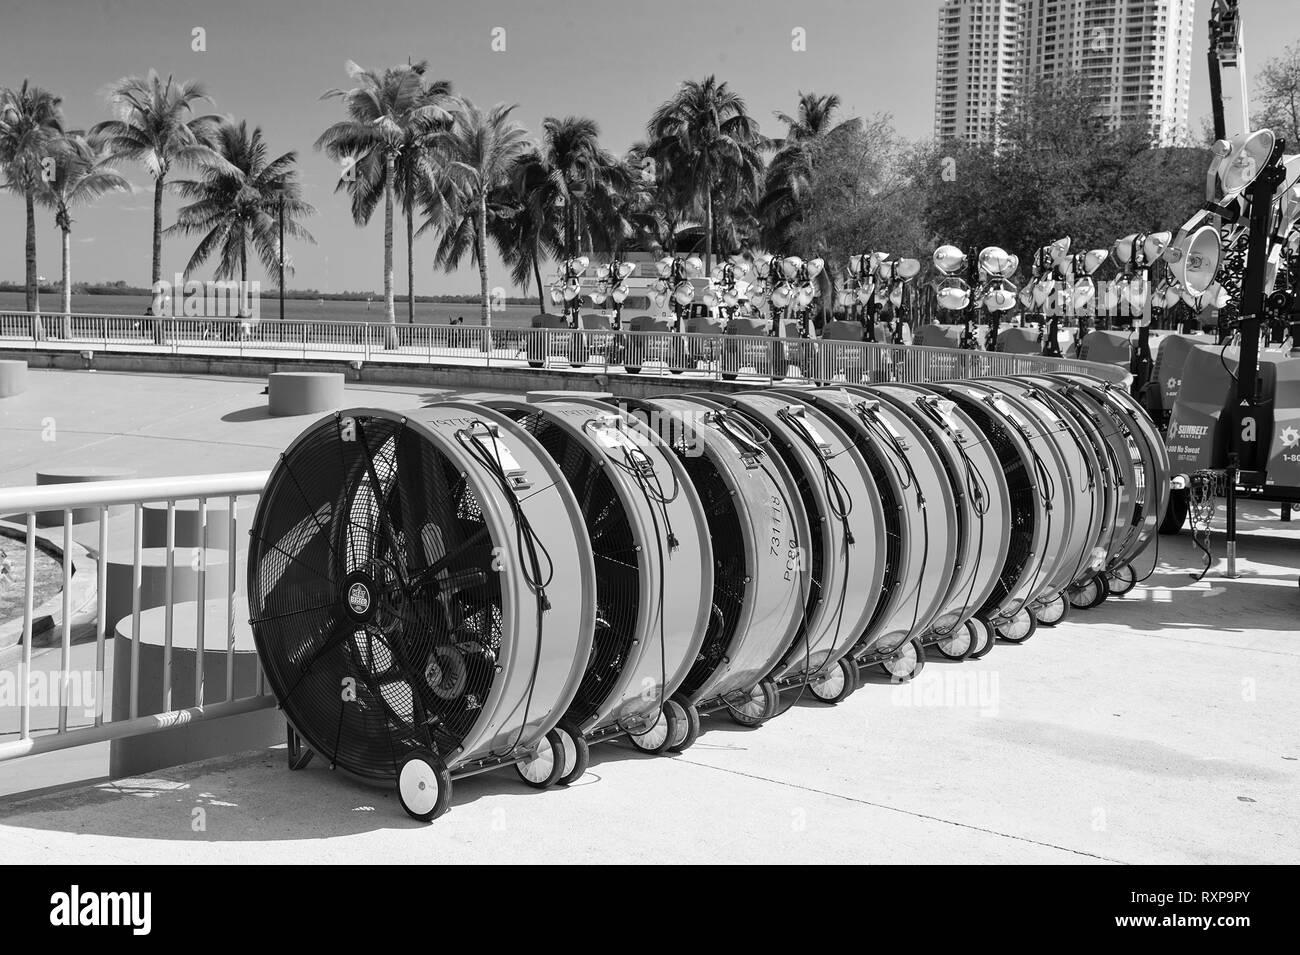 Miami, USA - Le 29 février 2016 mobile: ventilateurs industriels équipements ou outils avec blade sur roues au moment de l'exposition ou du salon professionnel extérieur dès les beaux jours sur cityscape Banque D'Images